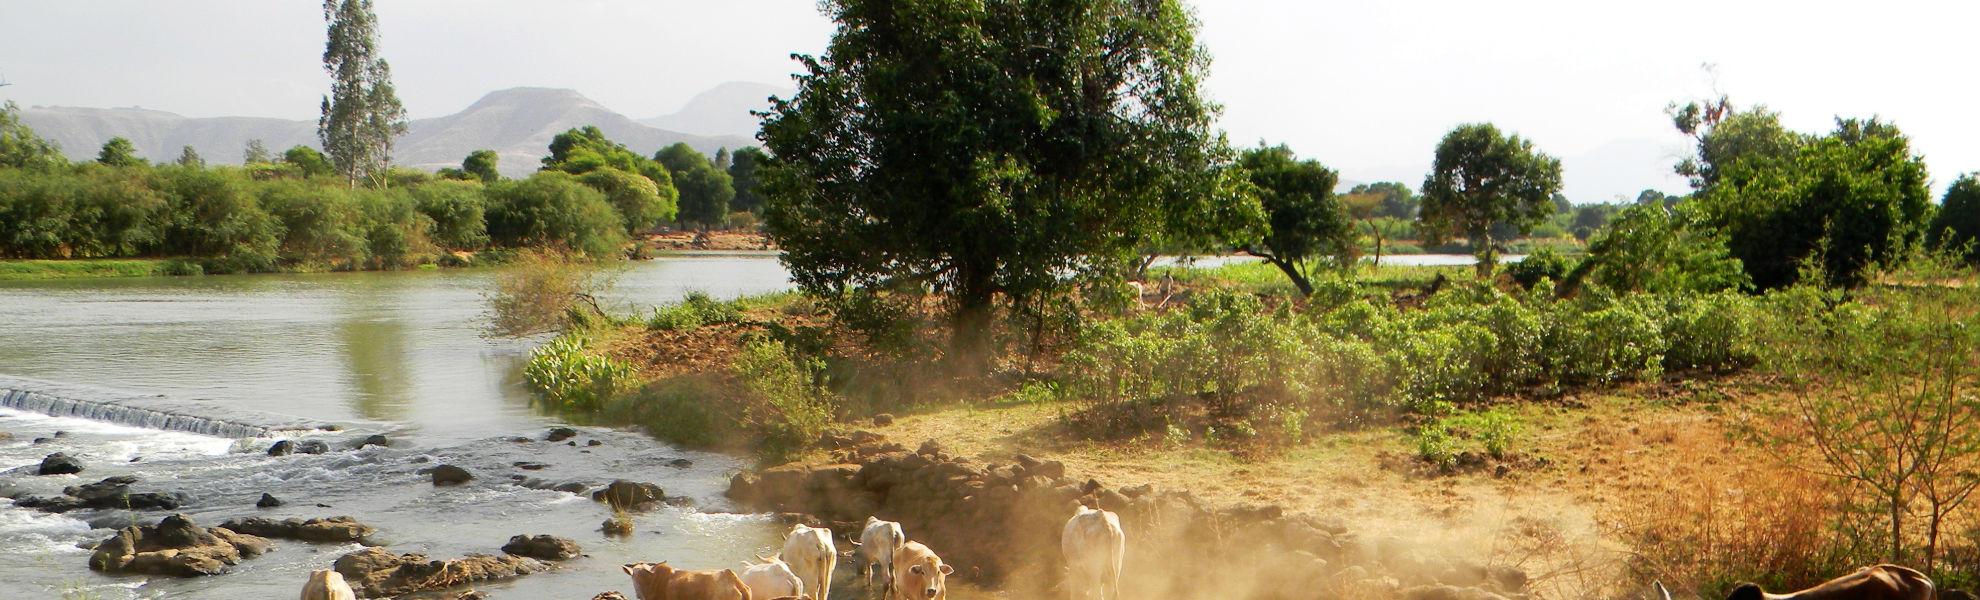 Guppenreise Äthiopien Reisekontor Schmidt